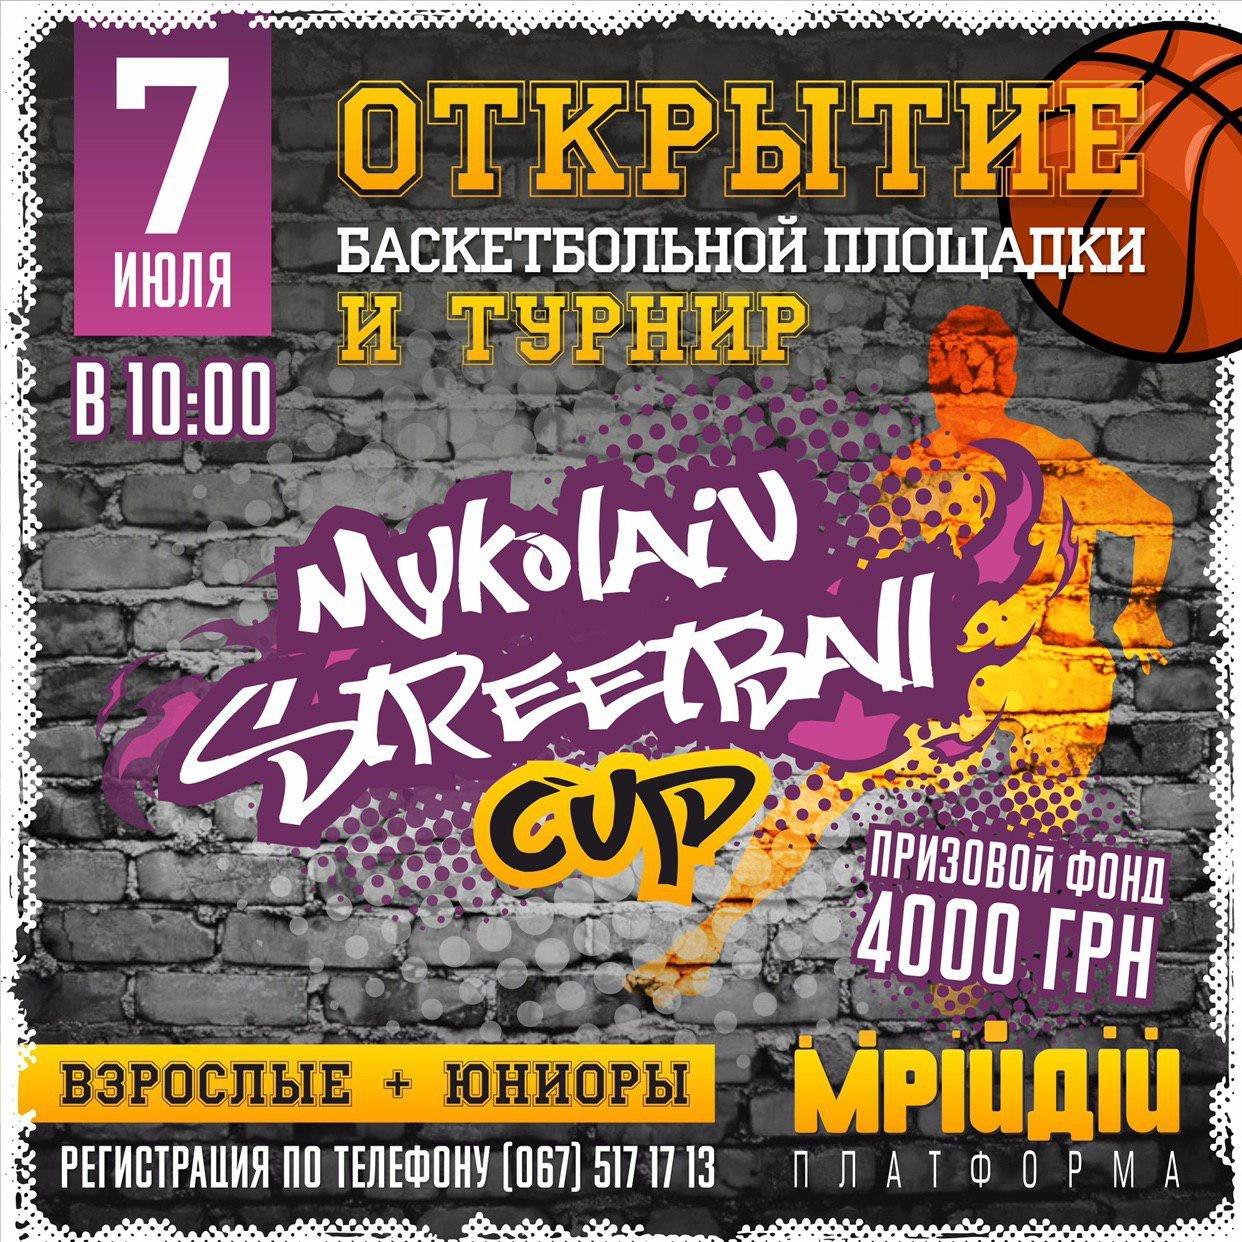 В Николаеве пройдет любительский чемпионат по уличному баскетболу, фото-1